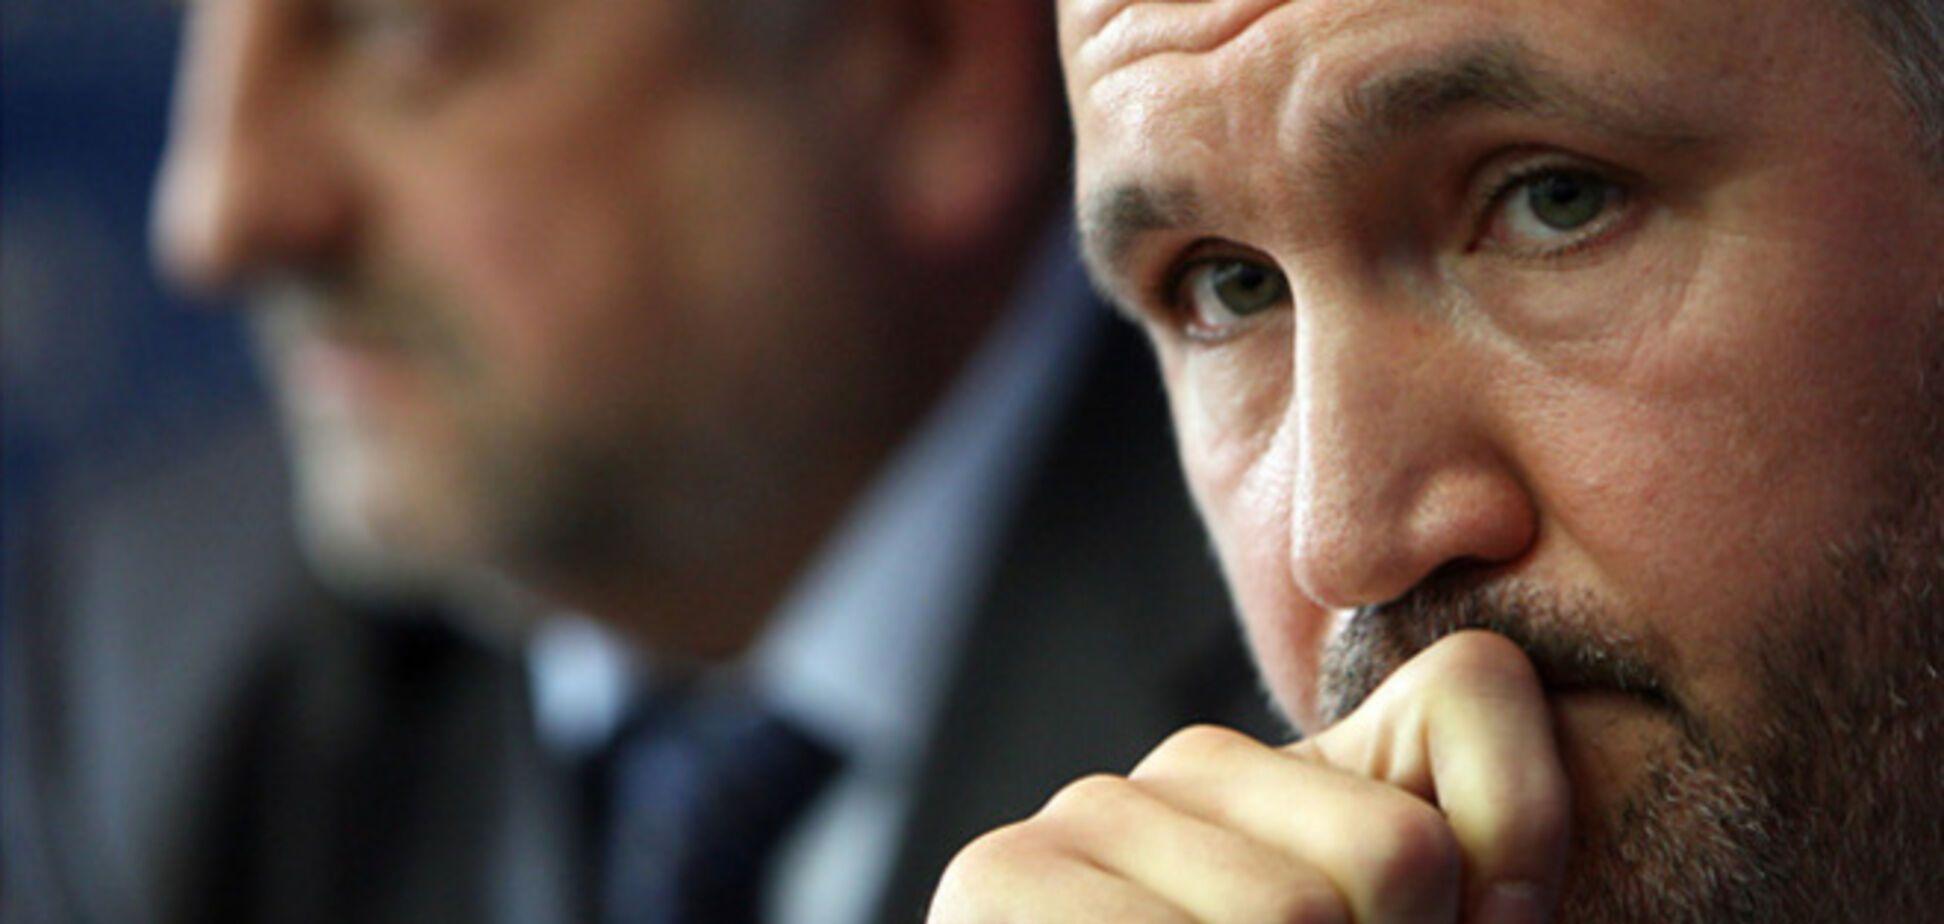 Интерпол увидел политику в деле против Кузьмина и отказался объявлять его в международный розыск. Документ